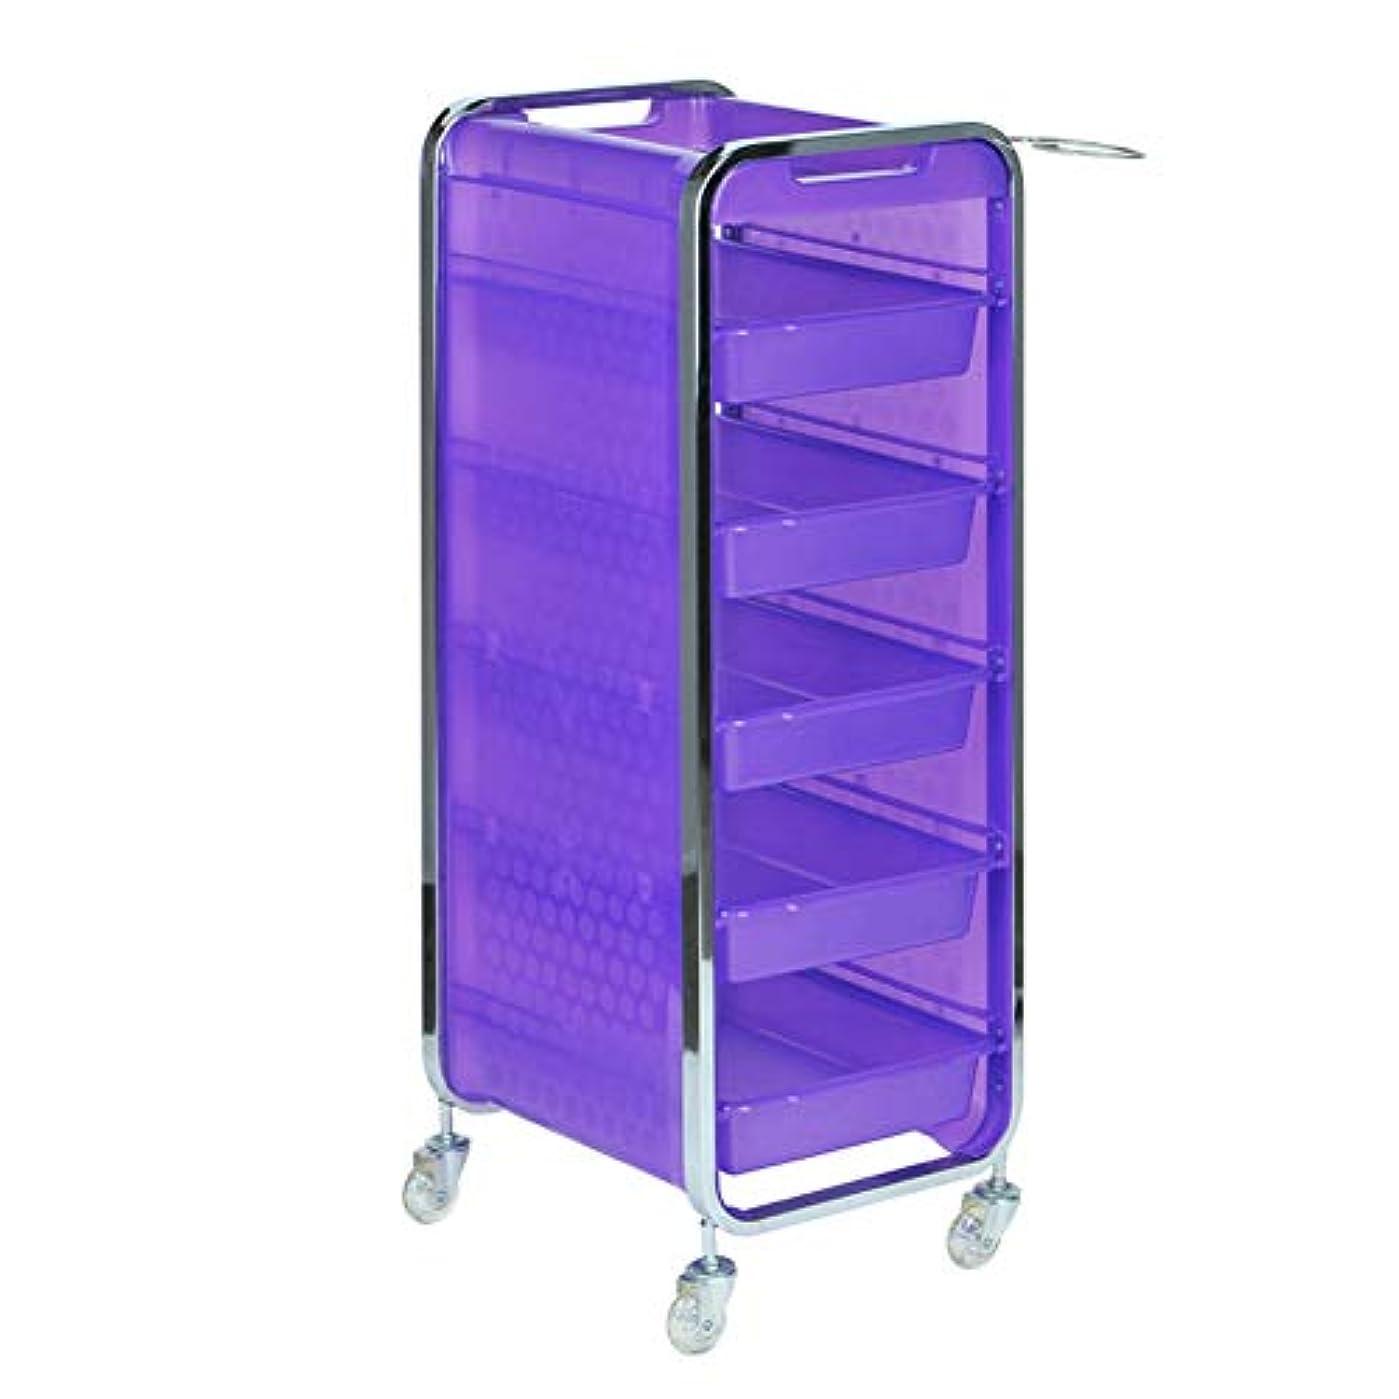 唇詐欺船外サロン美容院トロリー美容美容収納カート6層トレイ多機能引き出し虹色,Purple,A